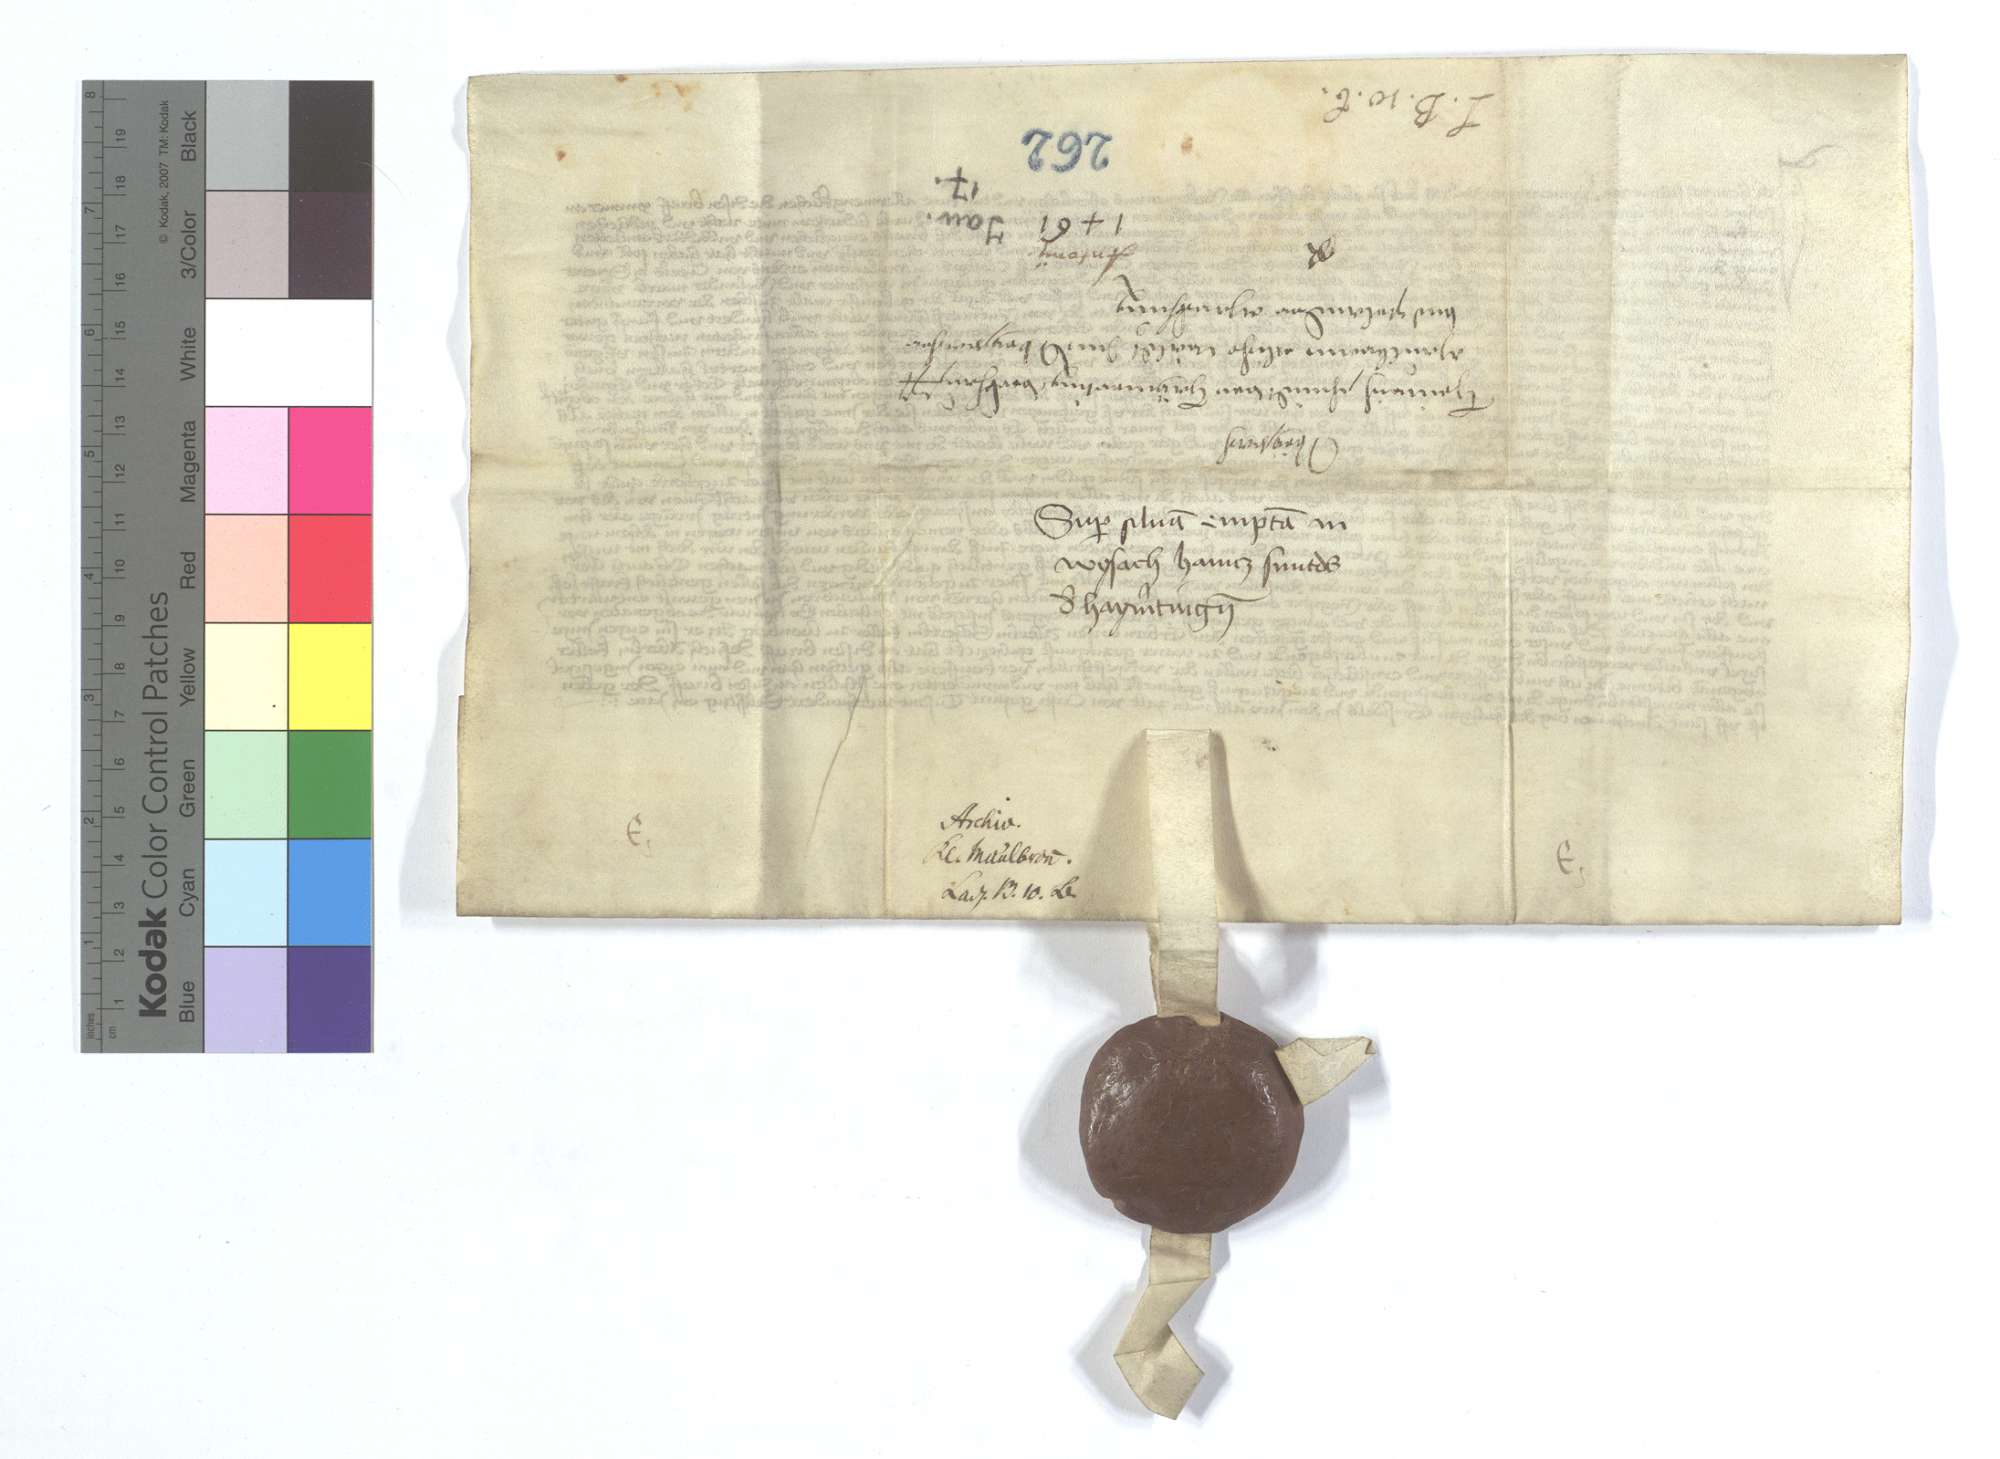 Heinrich Schmit (Schmyt) zu Heimerdingen (Heymertingen) verkauft seinen Wald in Weissach und Bonlander Markung dem Kloster Maulbronn., Rückseite